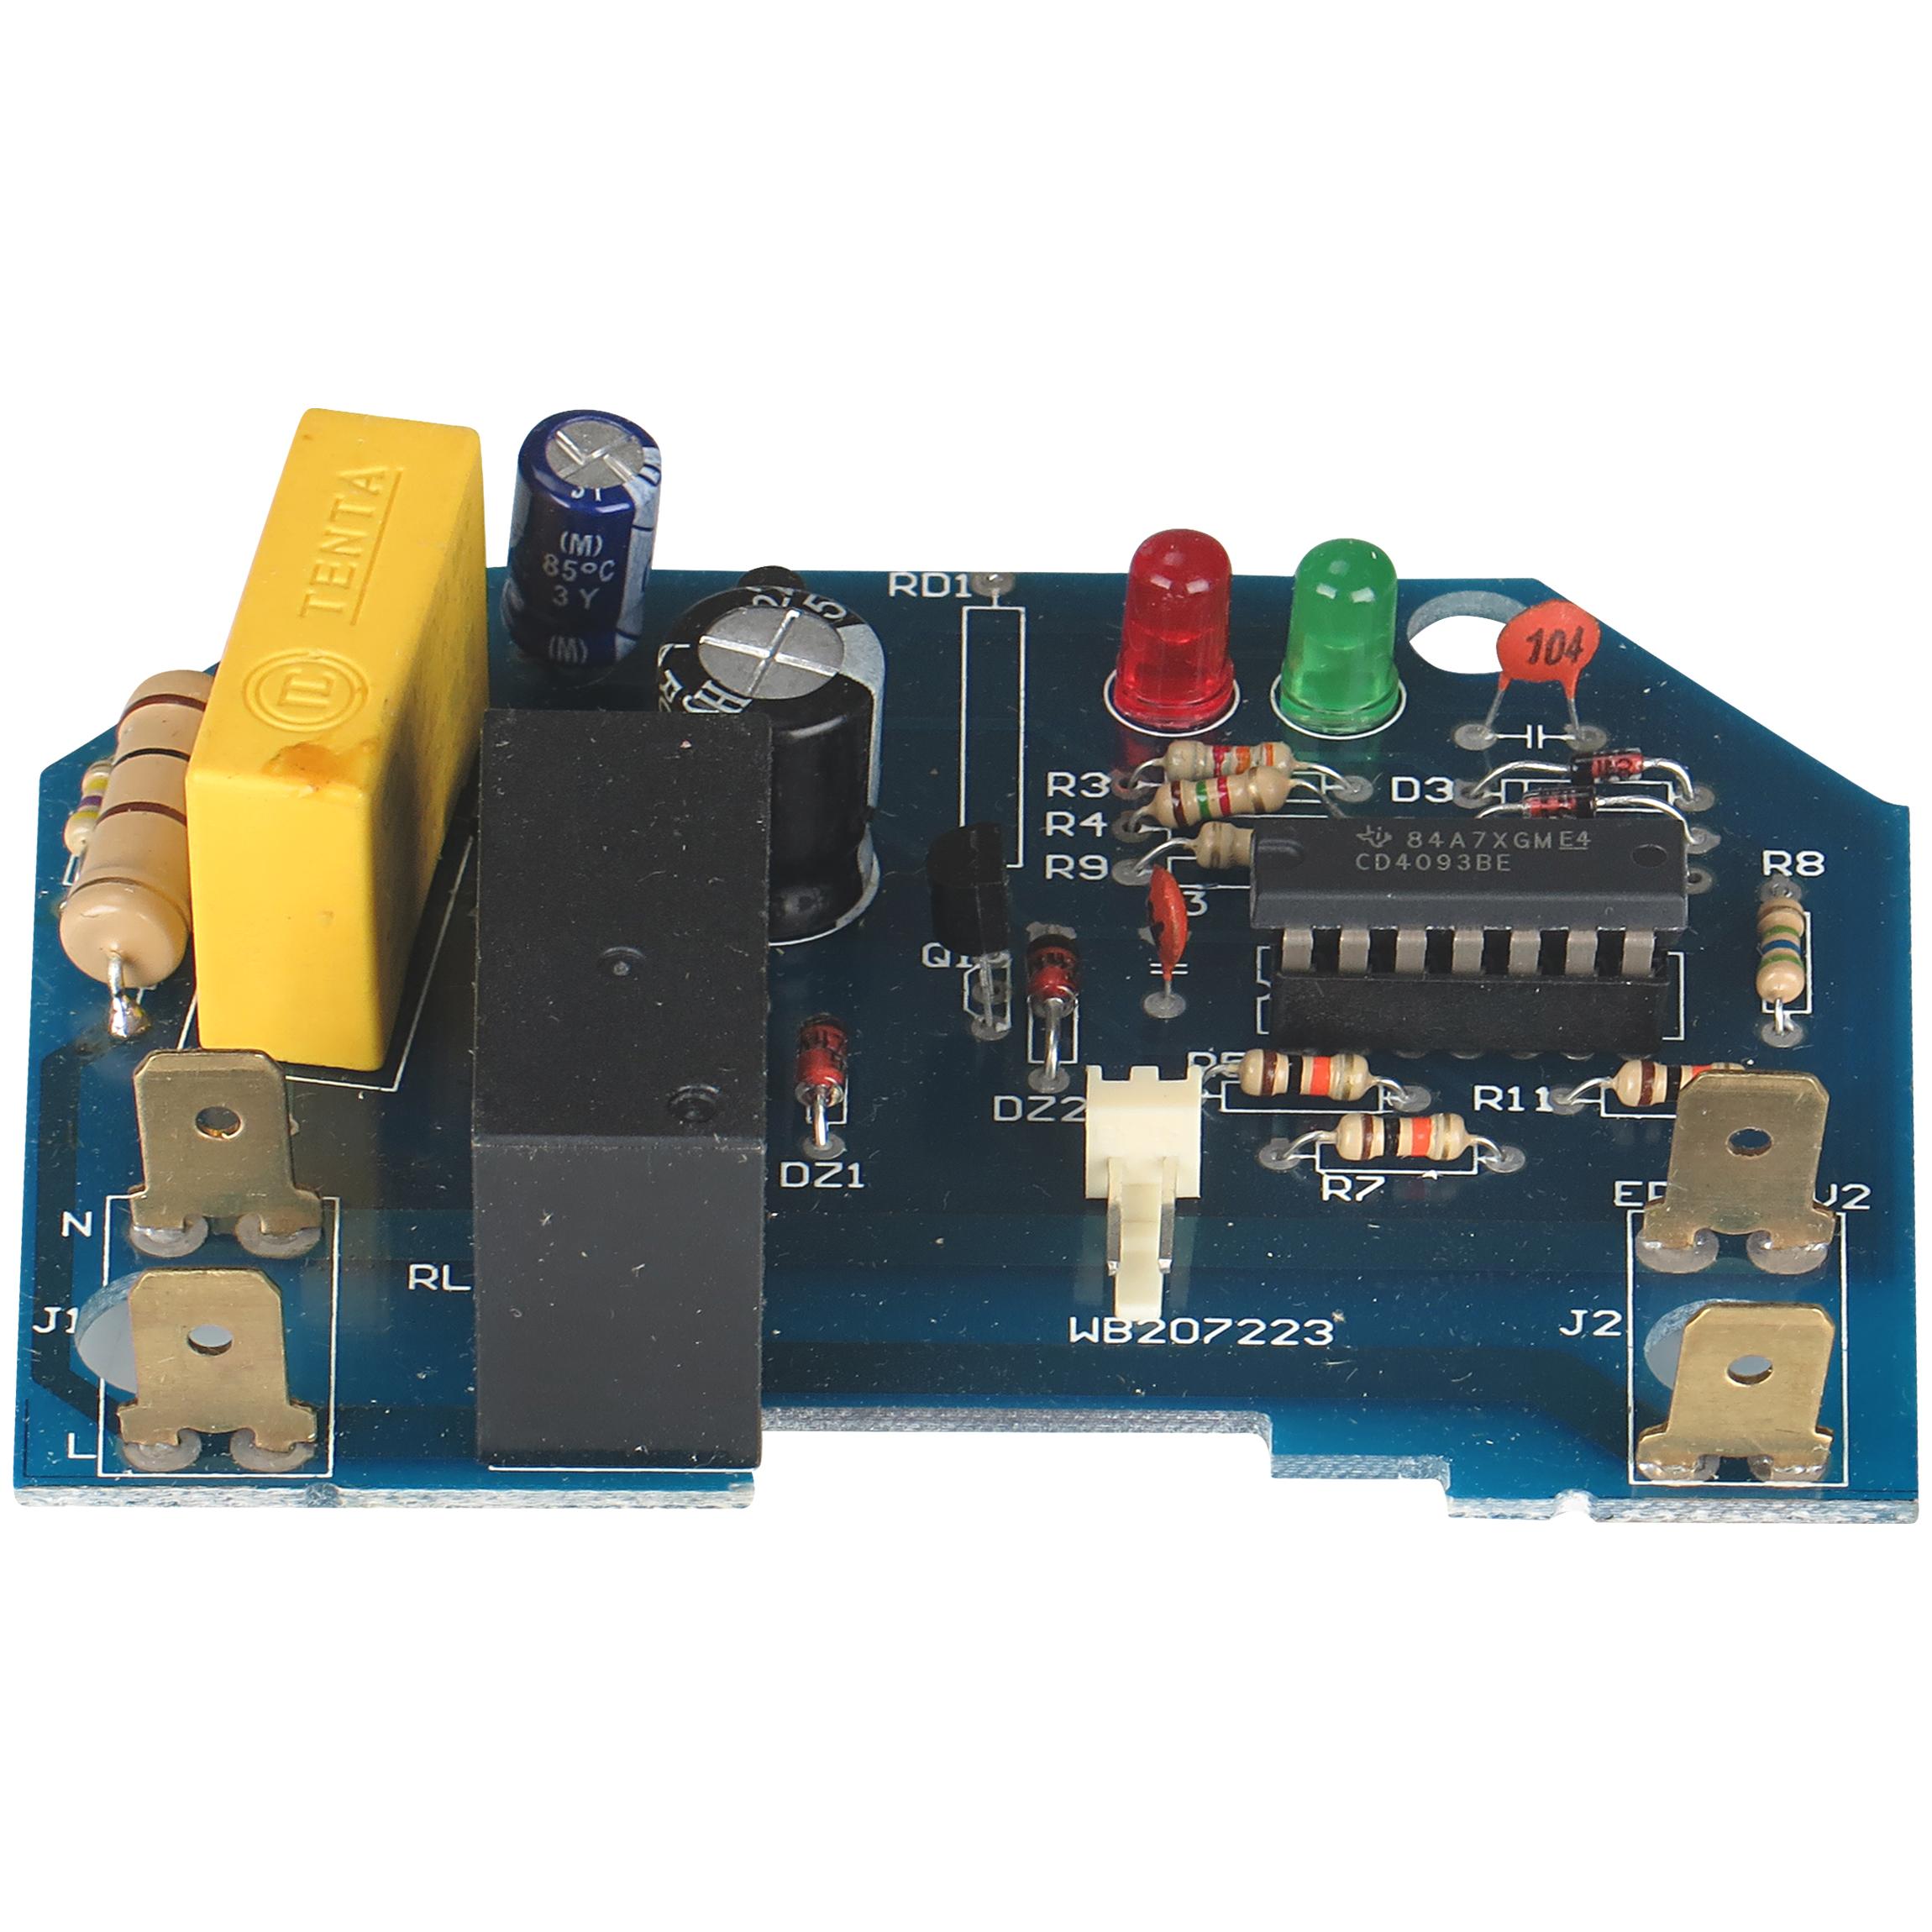 برد الکترونیکی ست کنترل مدل A20